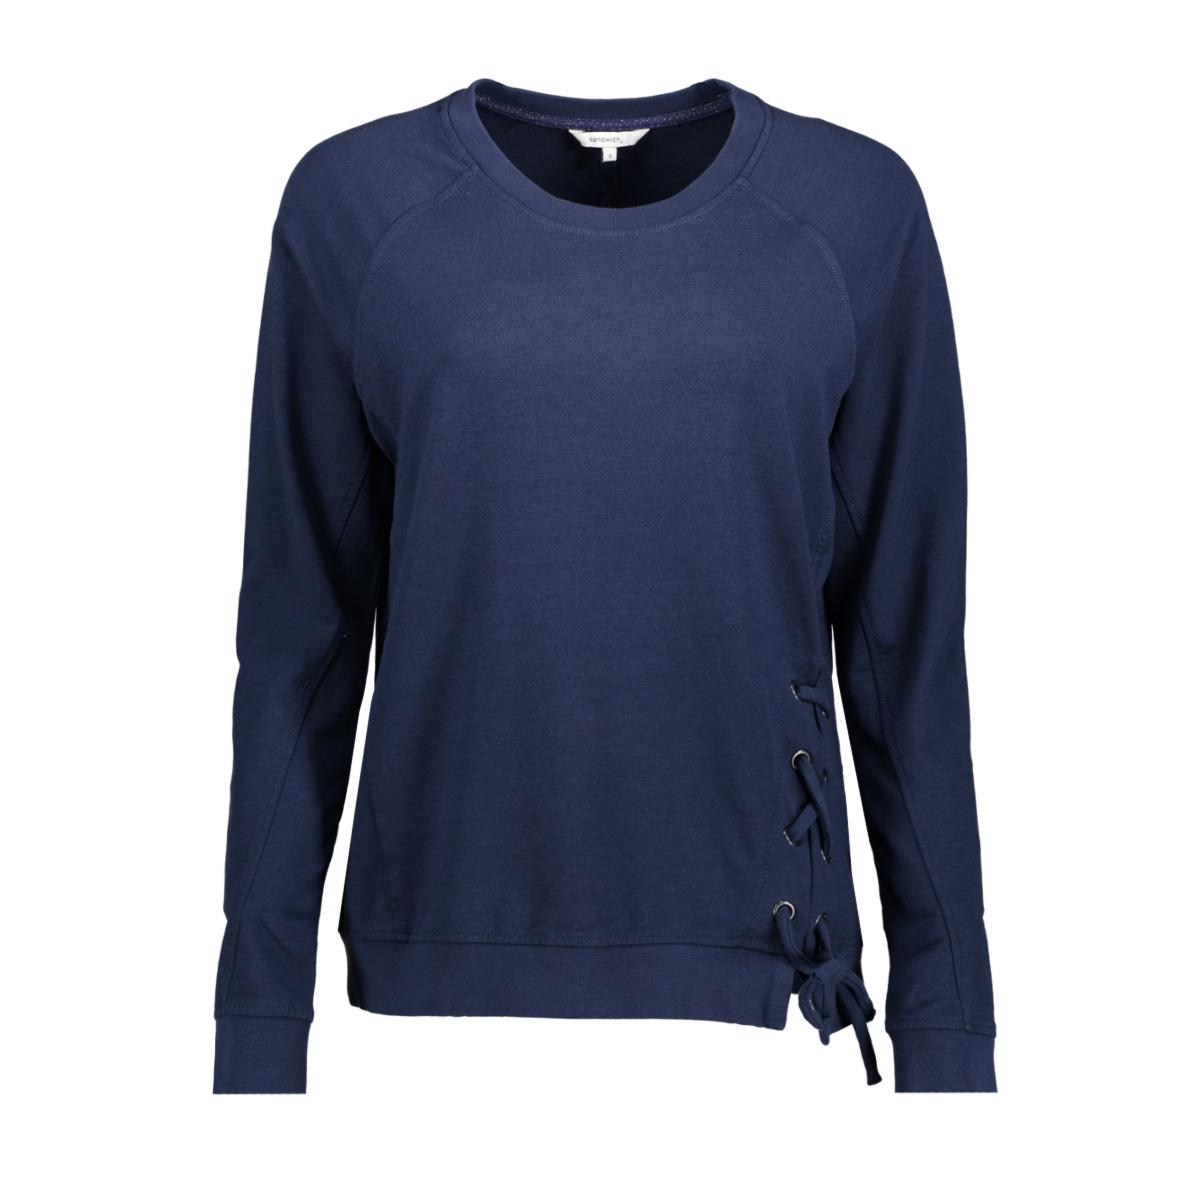 21201296 sandwich sweater 40115